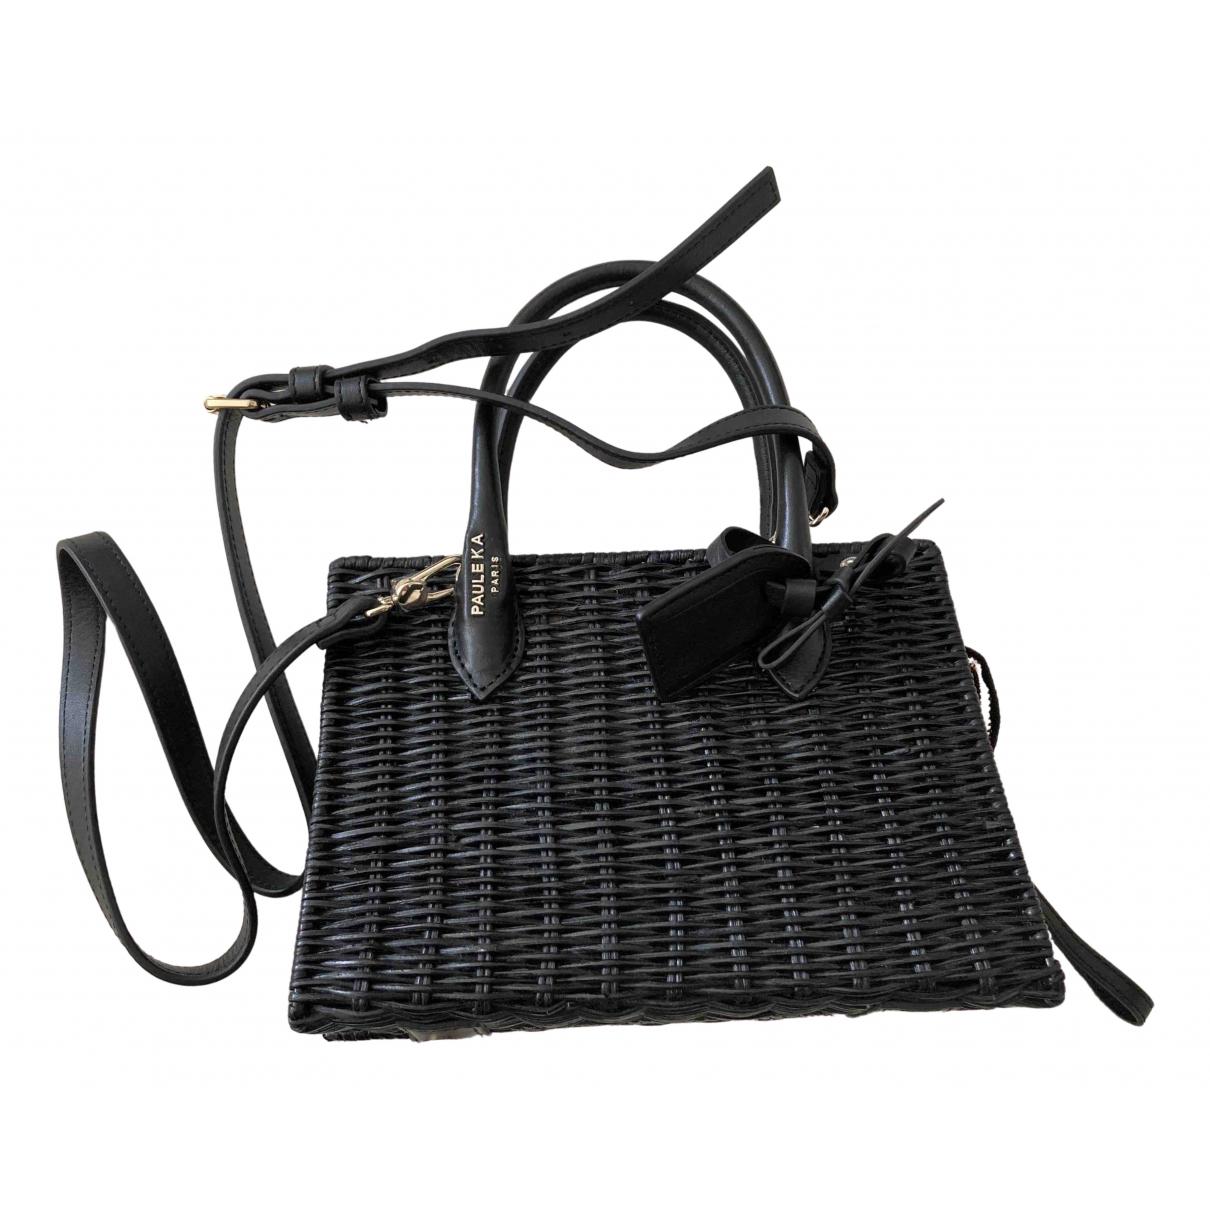 Paule Ka \N Black Leather handbag for Women \N